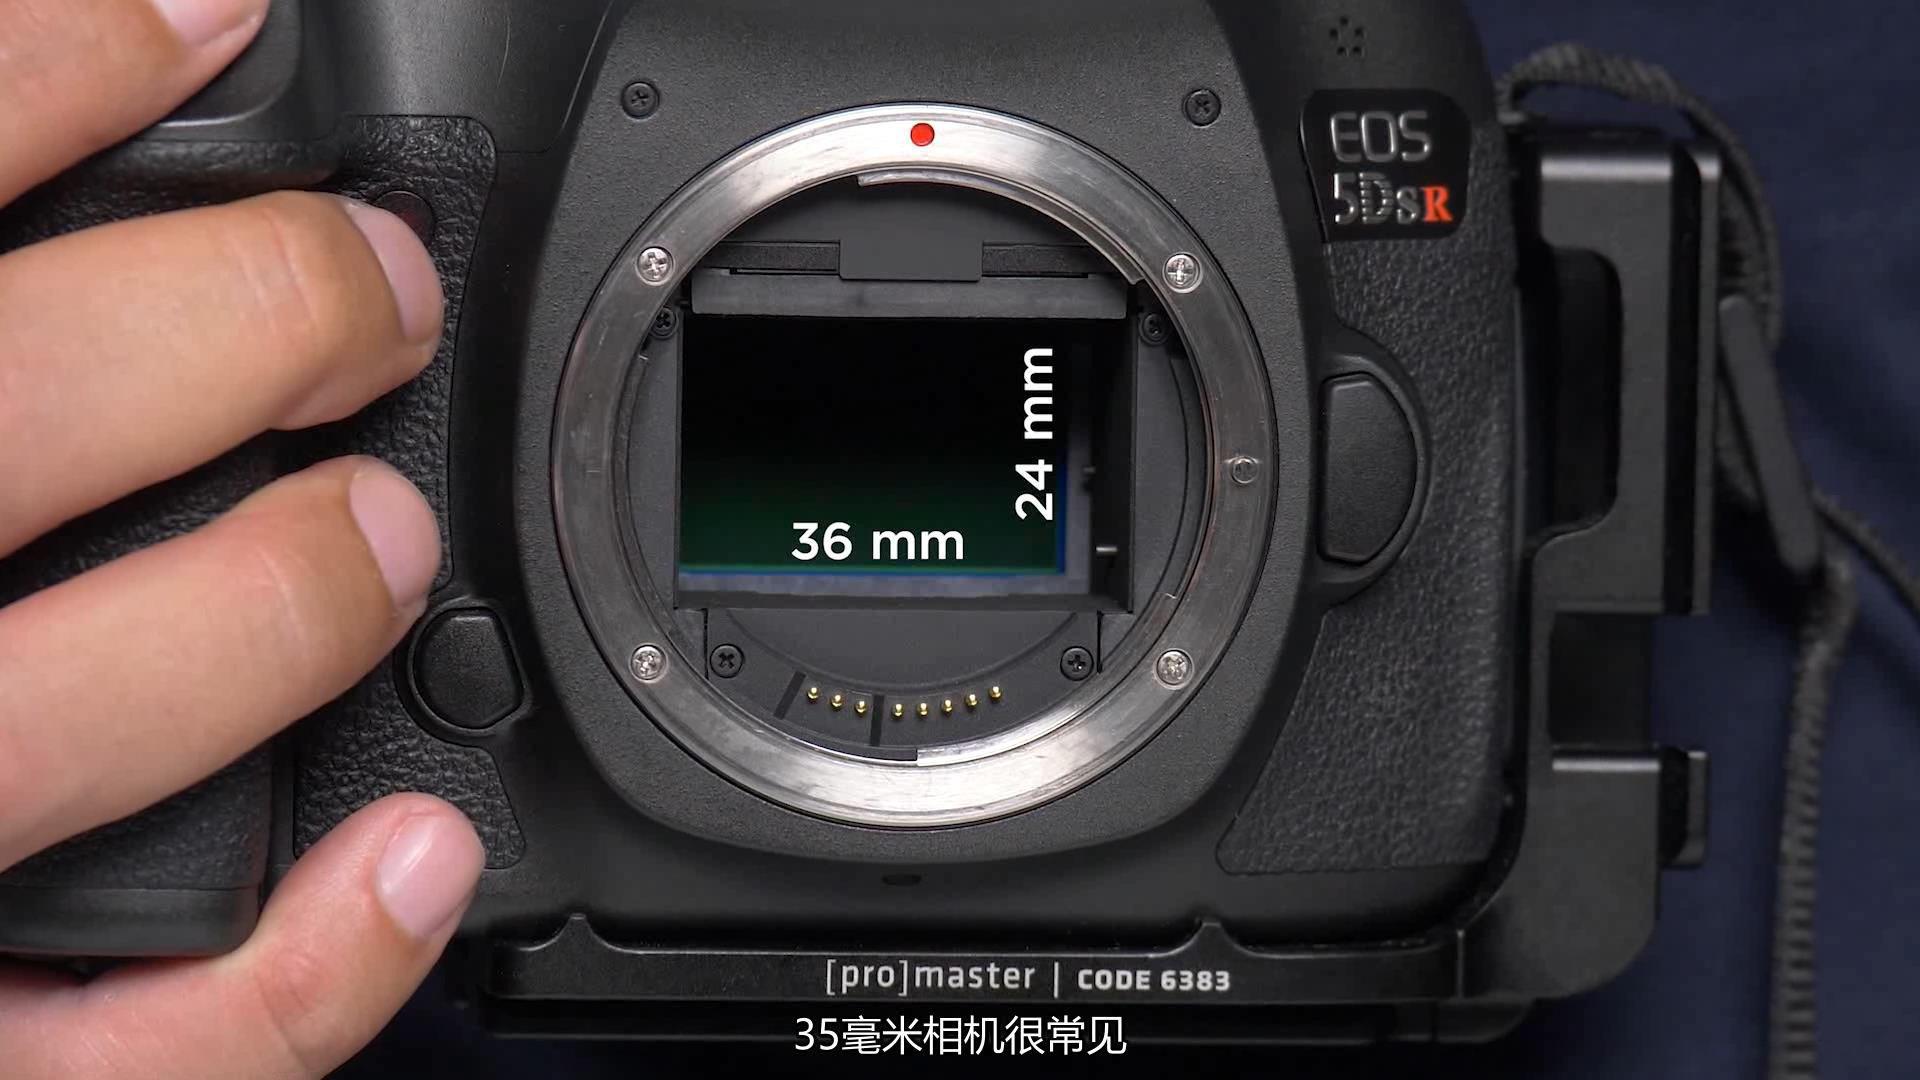 摄影教程_Fstoppers-Andres Moline精通微距摄影完整拍摄及后期教程中文字幕 摄影教程 _预览图8